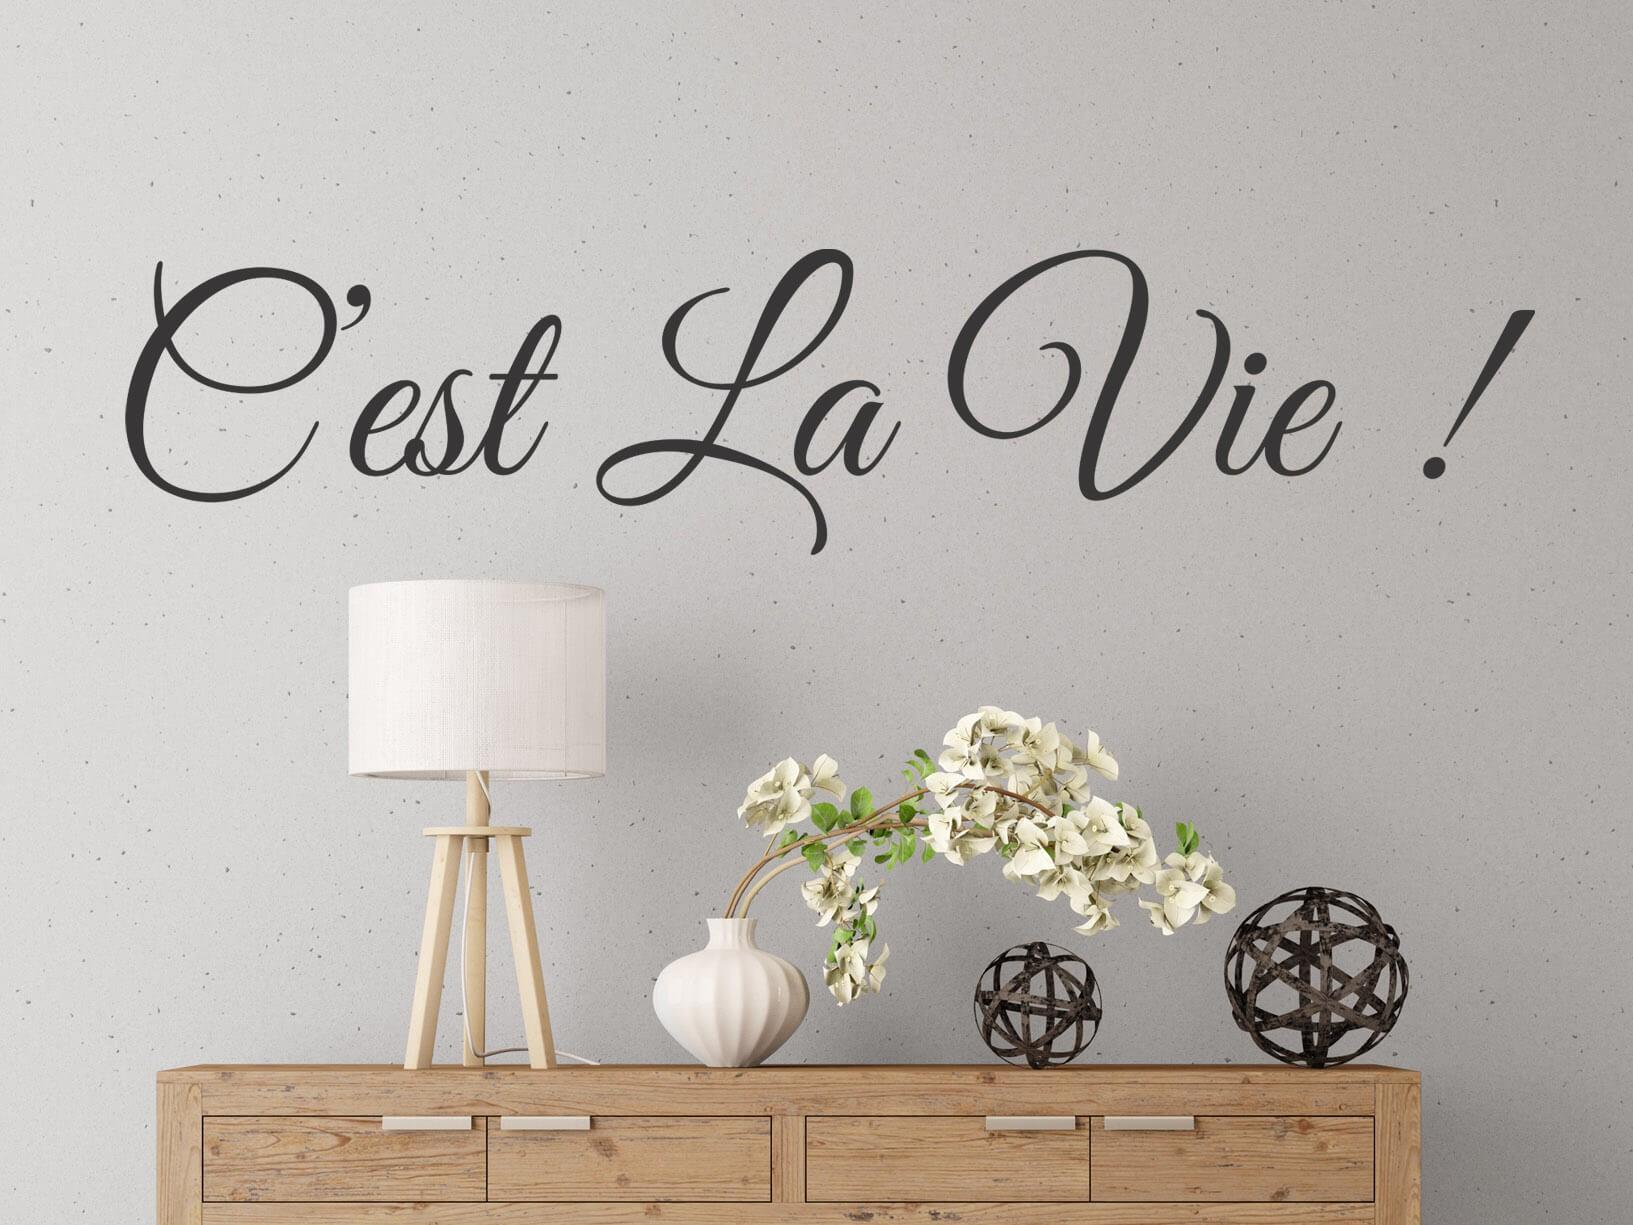 Muursticker Cest La Vie  Franse muurteksten